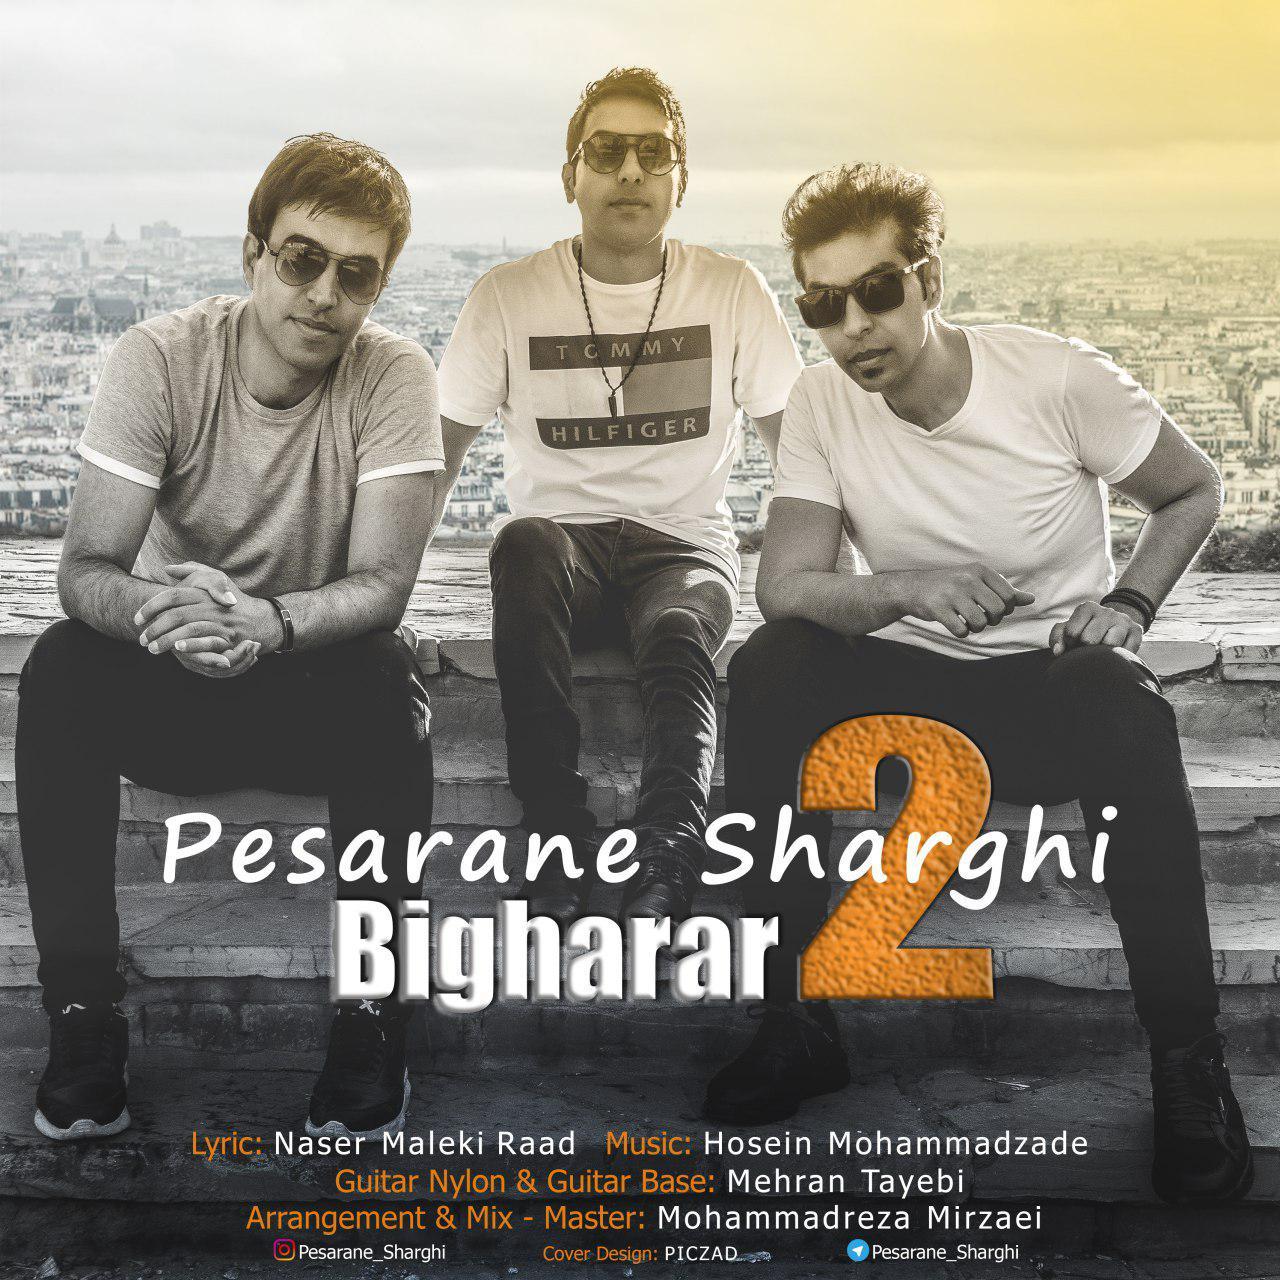 Pesarane Sharghi – Bigharar 2